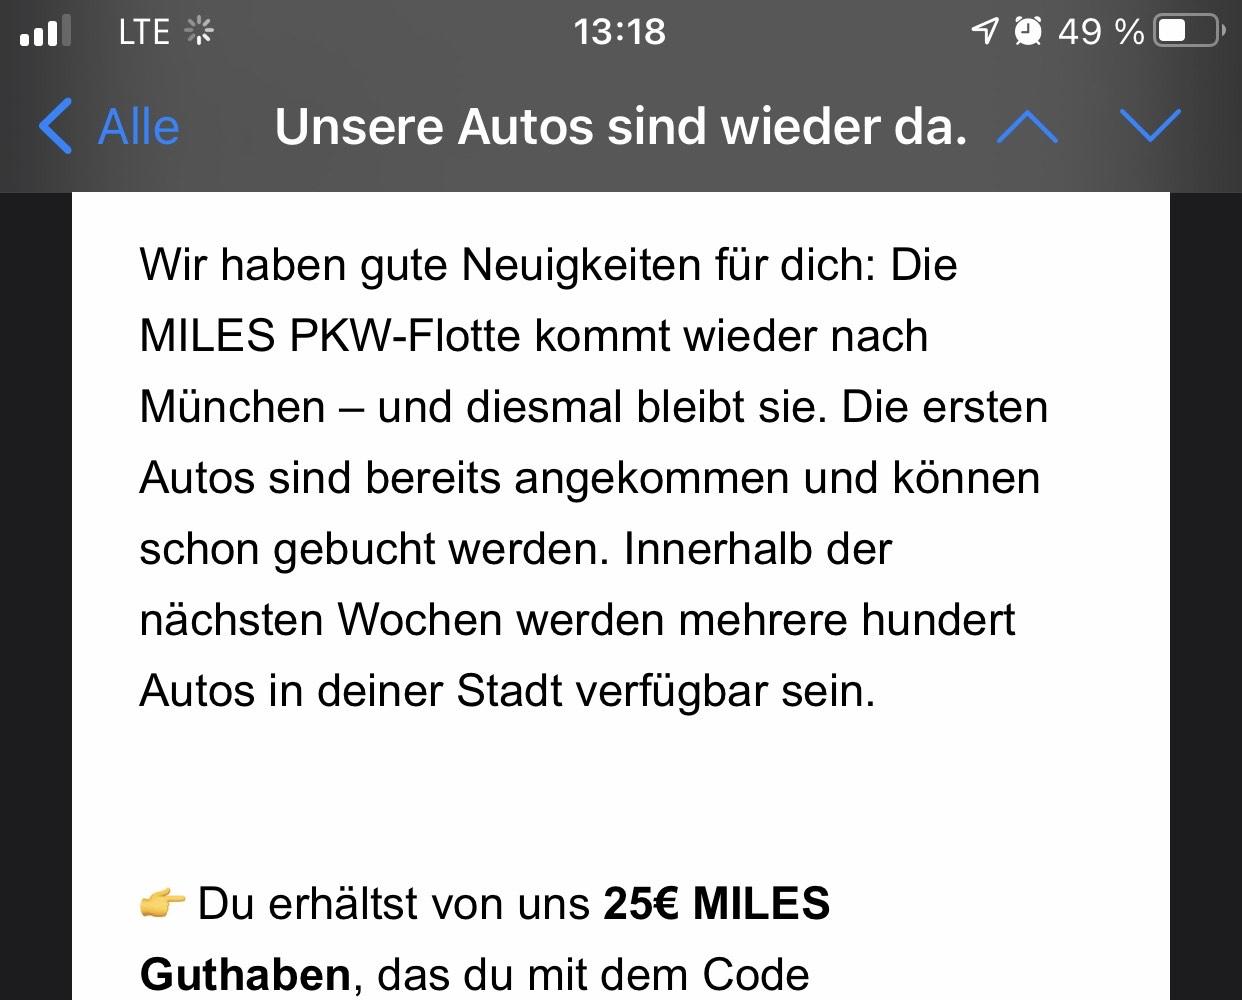 [evtl. Lokal MUC/personalisiert] 25€ Guthaben bei MILES Carsharing + 15€ über KwK